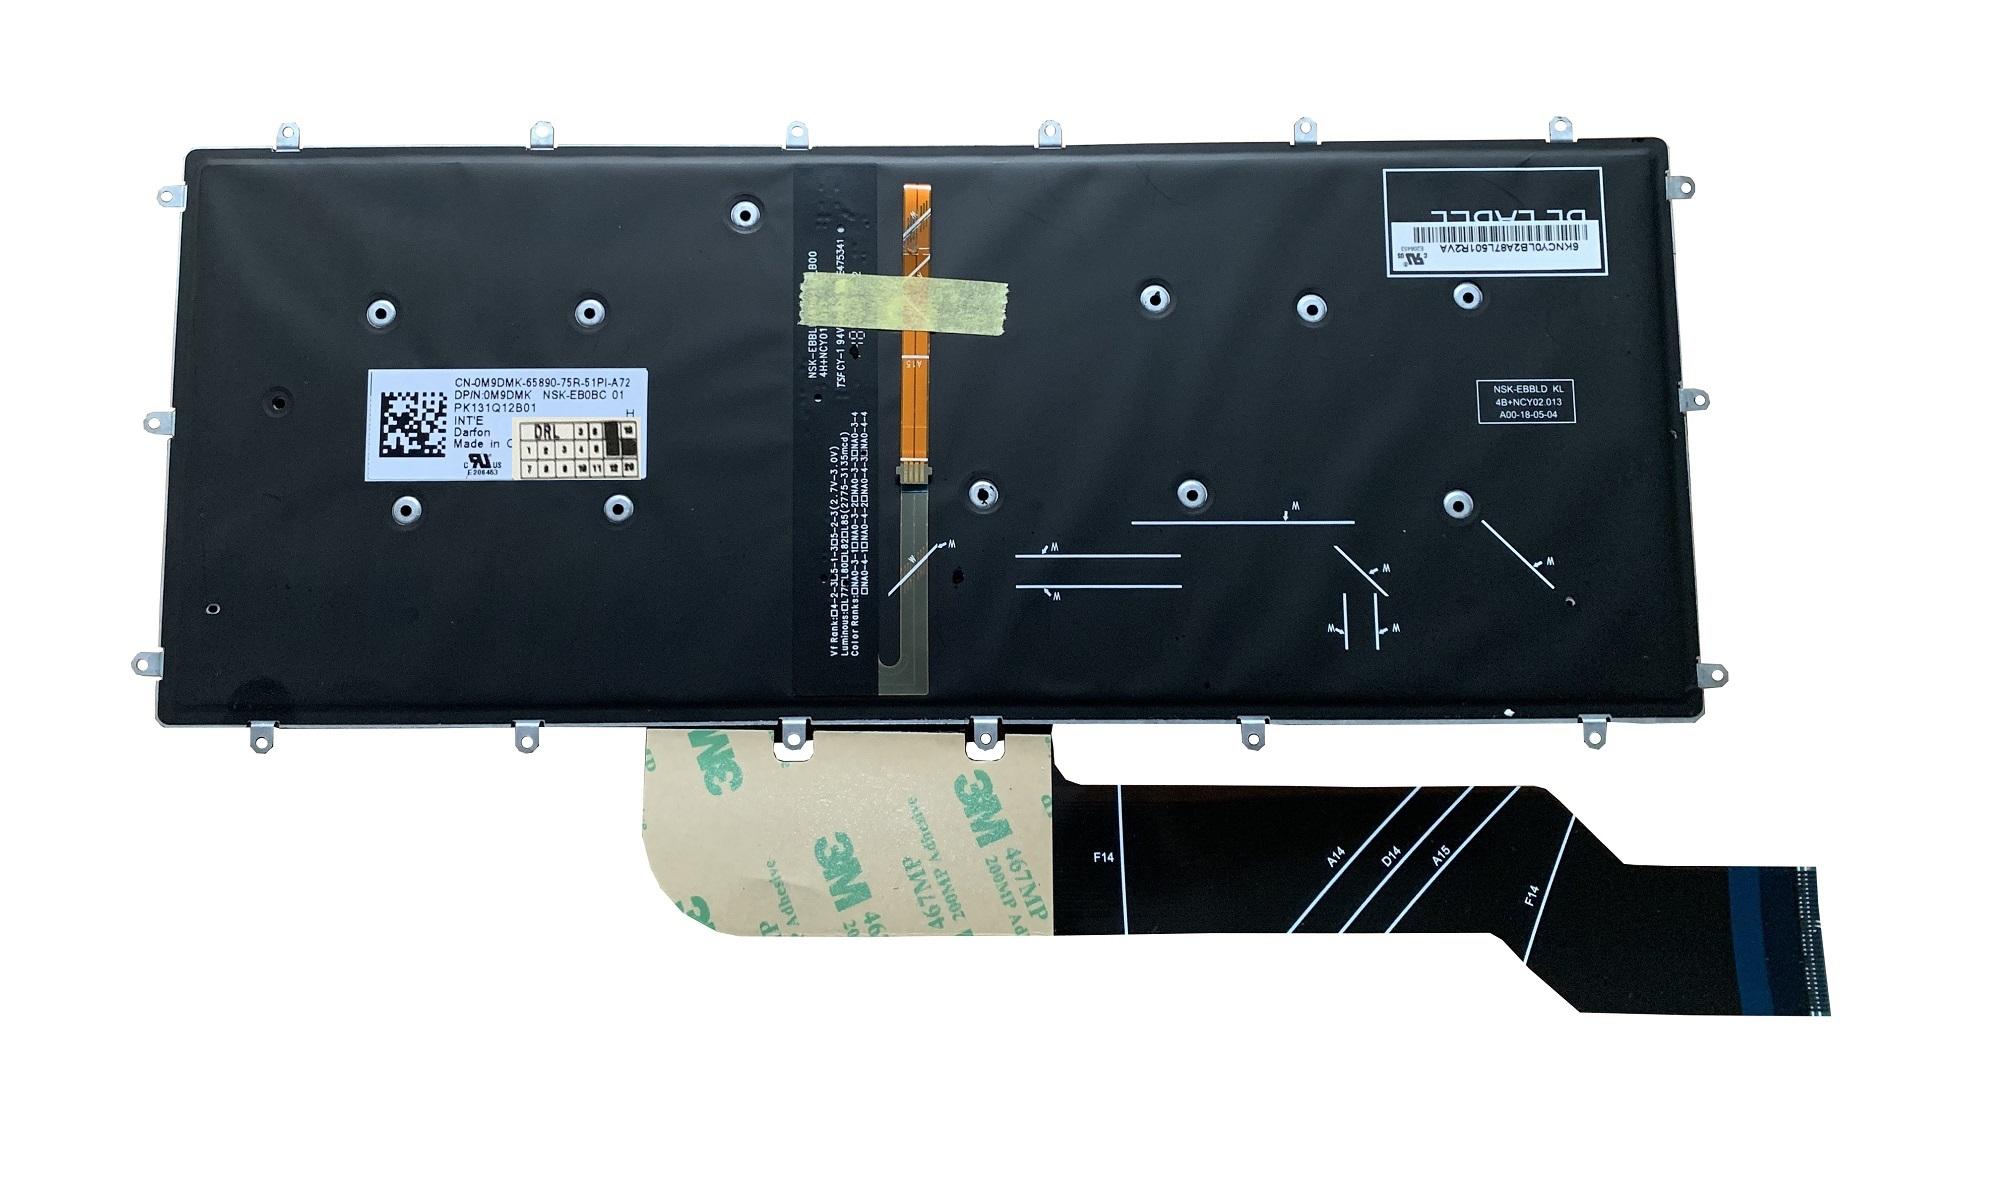 Tastatura compatibila Dell Inspiron 15 7573, cu iluminare, layout US